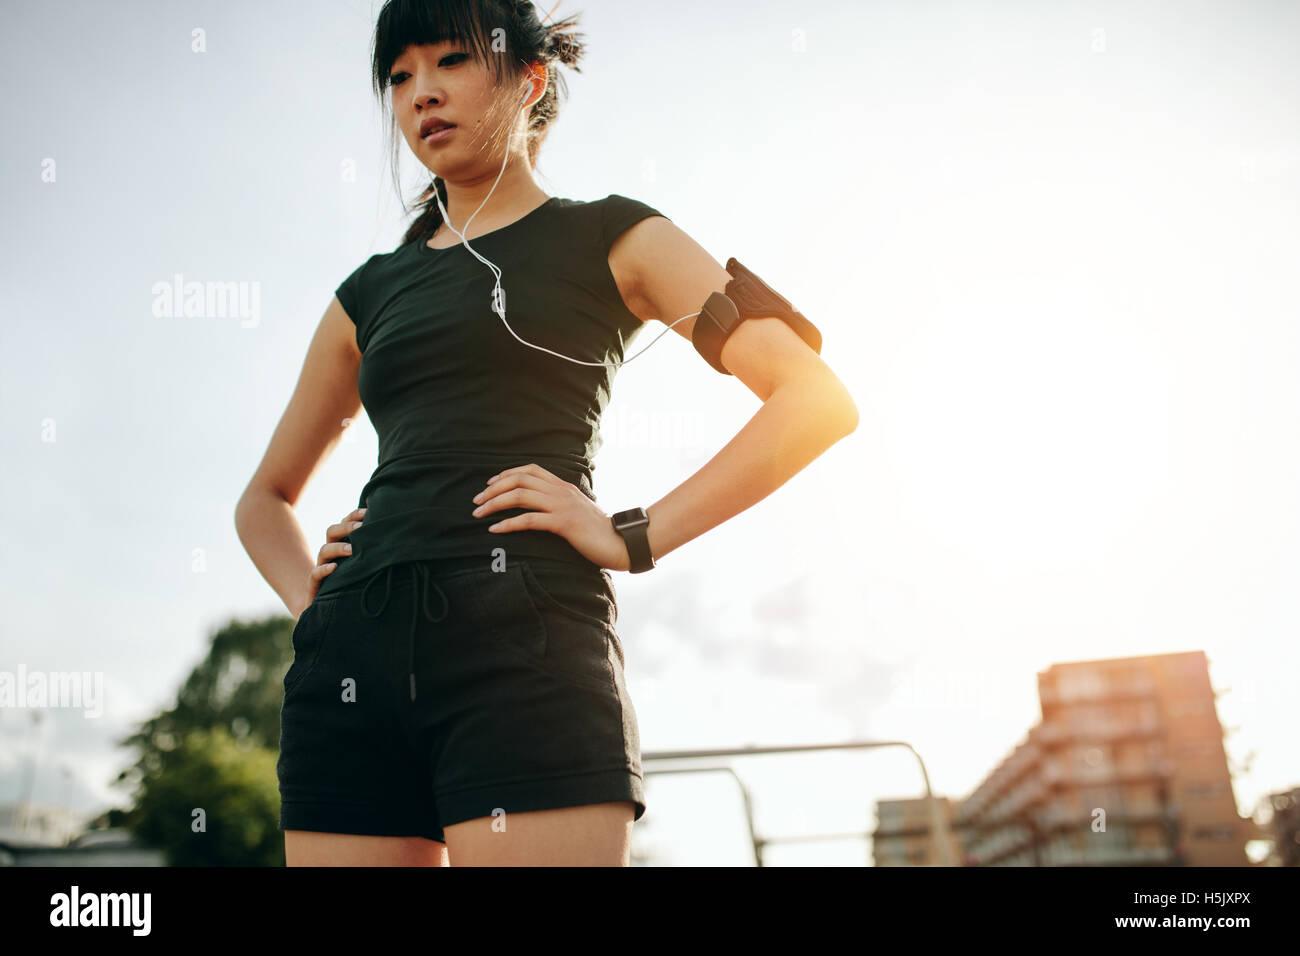 Colpo di giovane donna cinese prendendo una pausa durante una corsa mattutina. Femmina fitness all'aperto in Immagini Stock